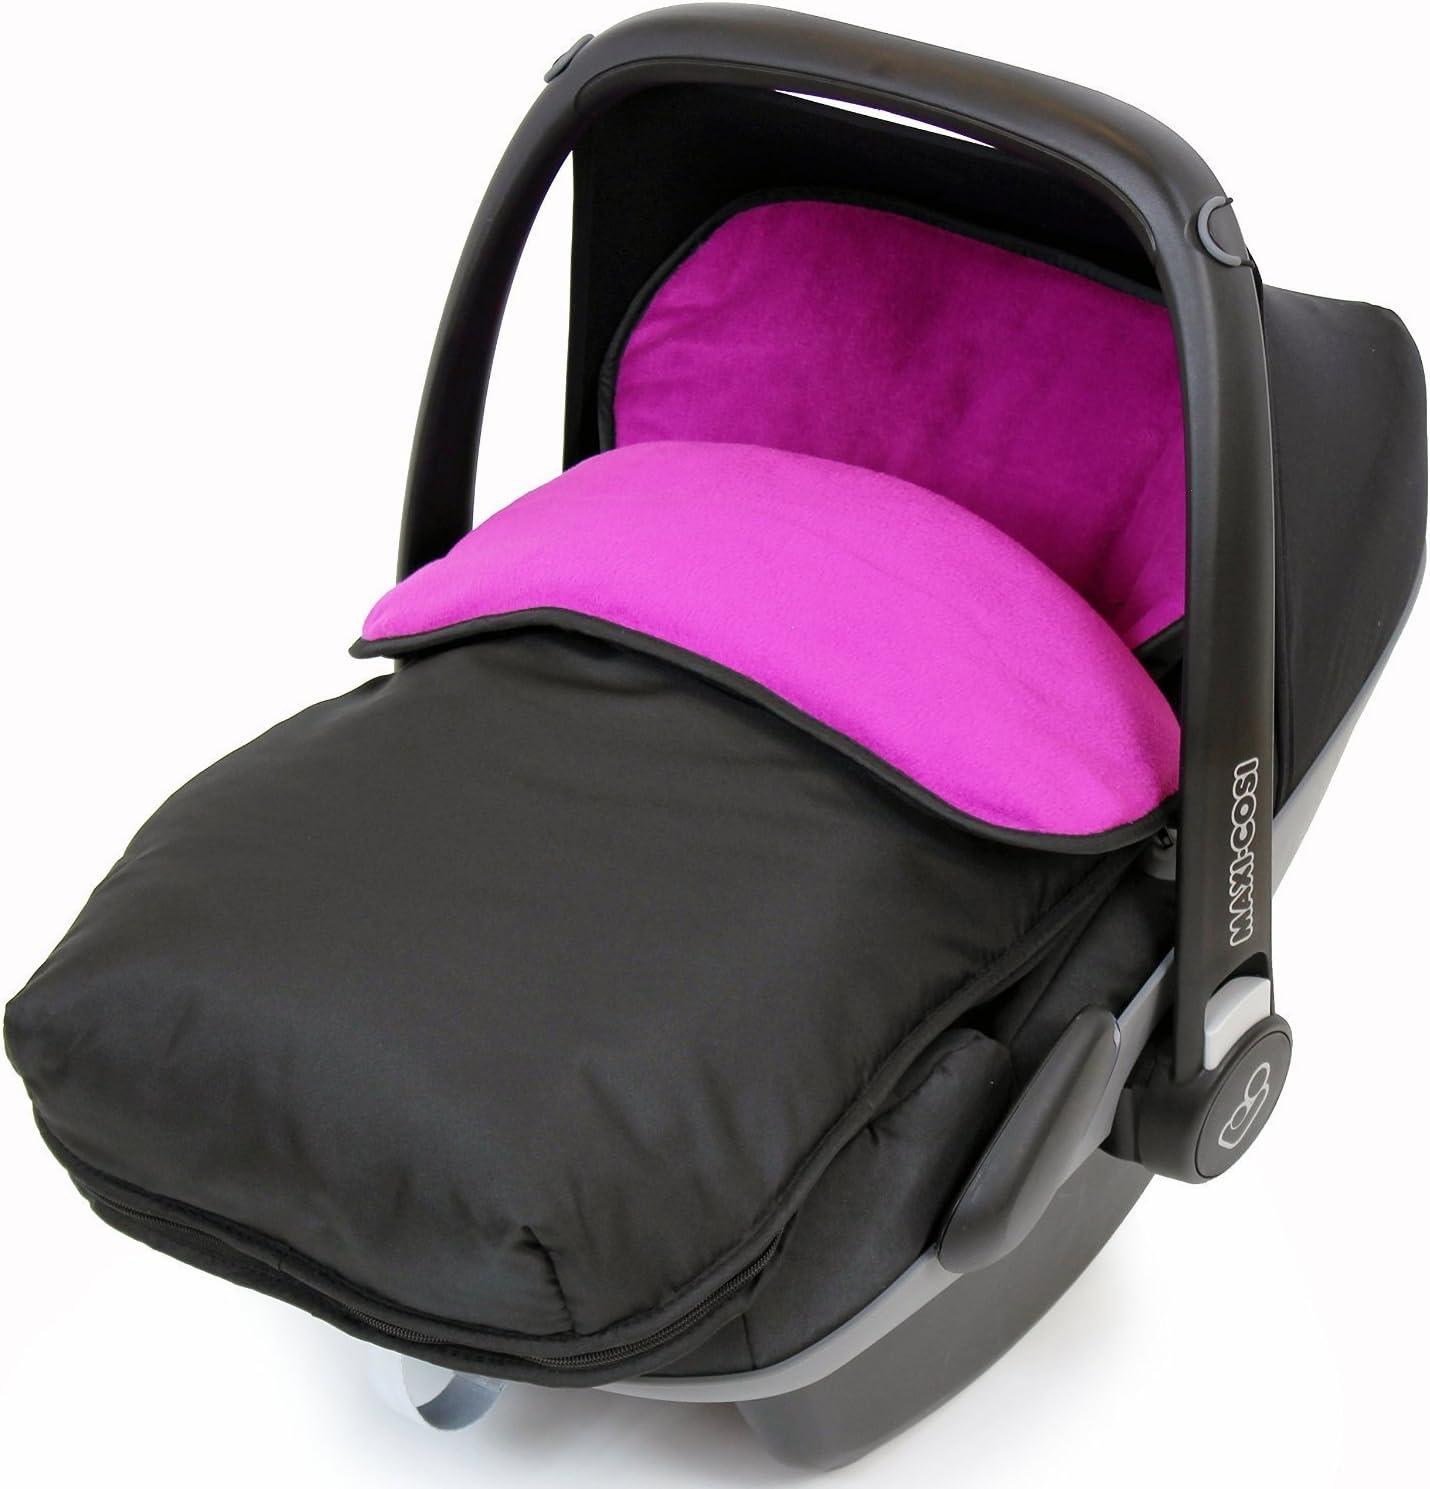 Universal asiento de coche para saco/acogedor dedos de los pies ...